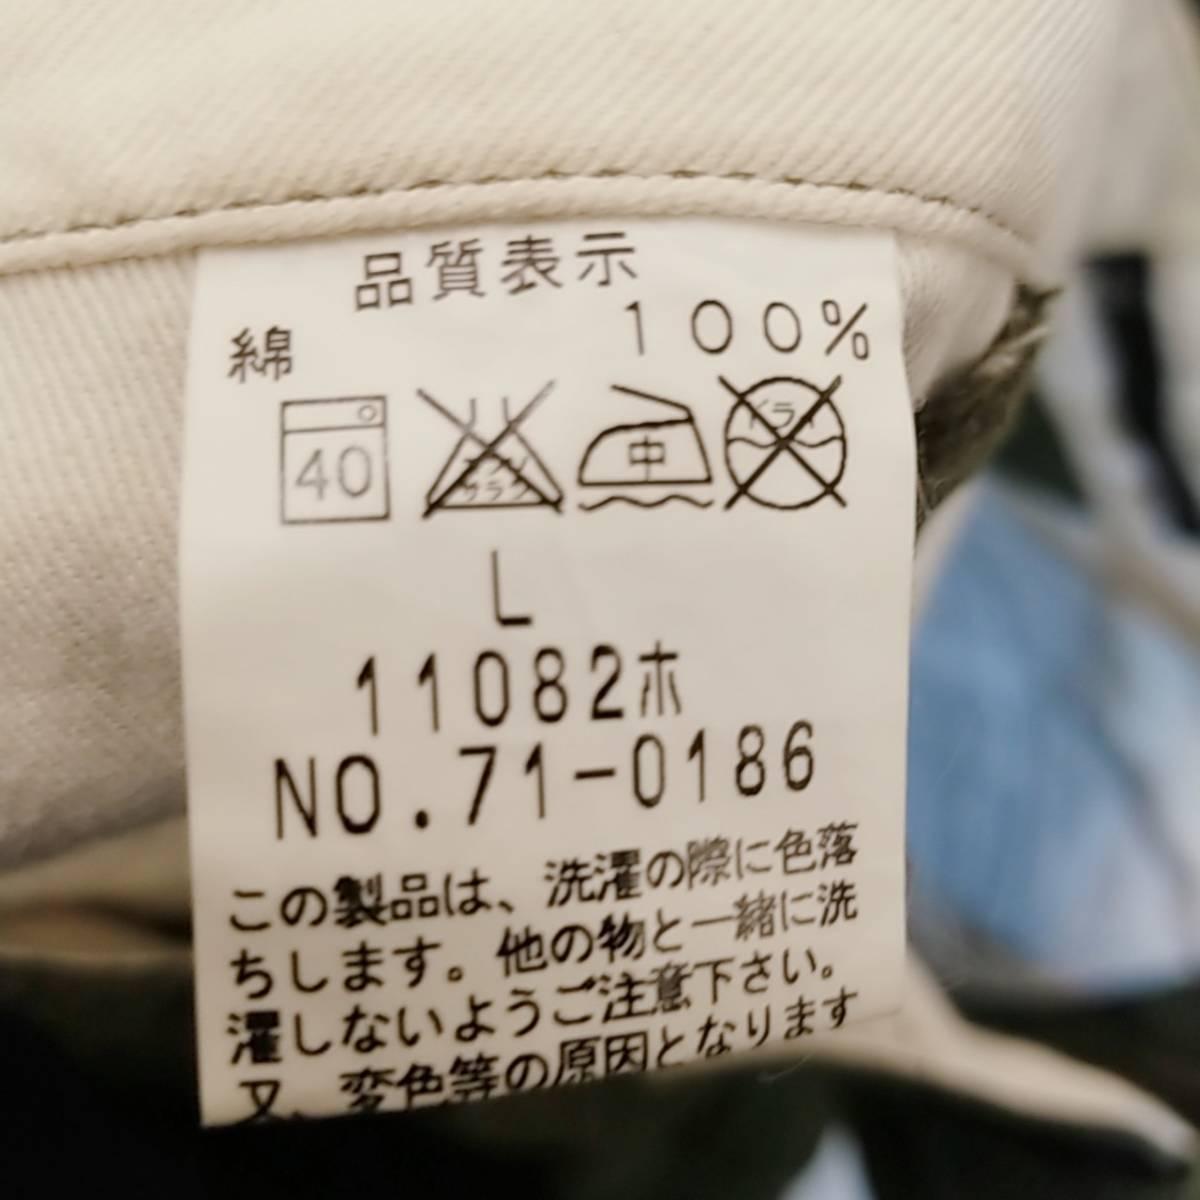 Johnbull カーゴパンツ 立体裁断 メンズ L カーキ ミリタリー 綿100% 日本製 ワークパンツ アメカジ ジョンブル 02e1511